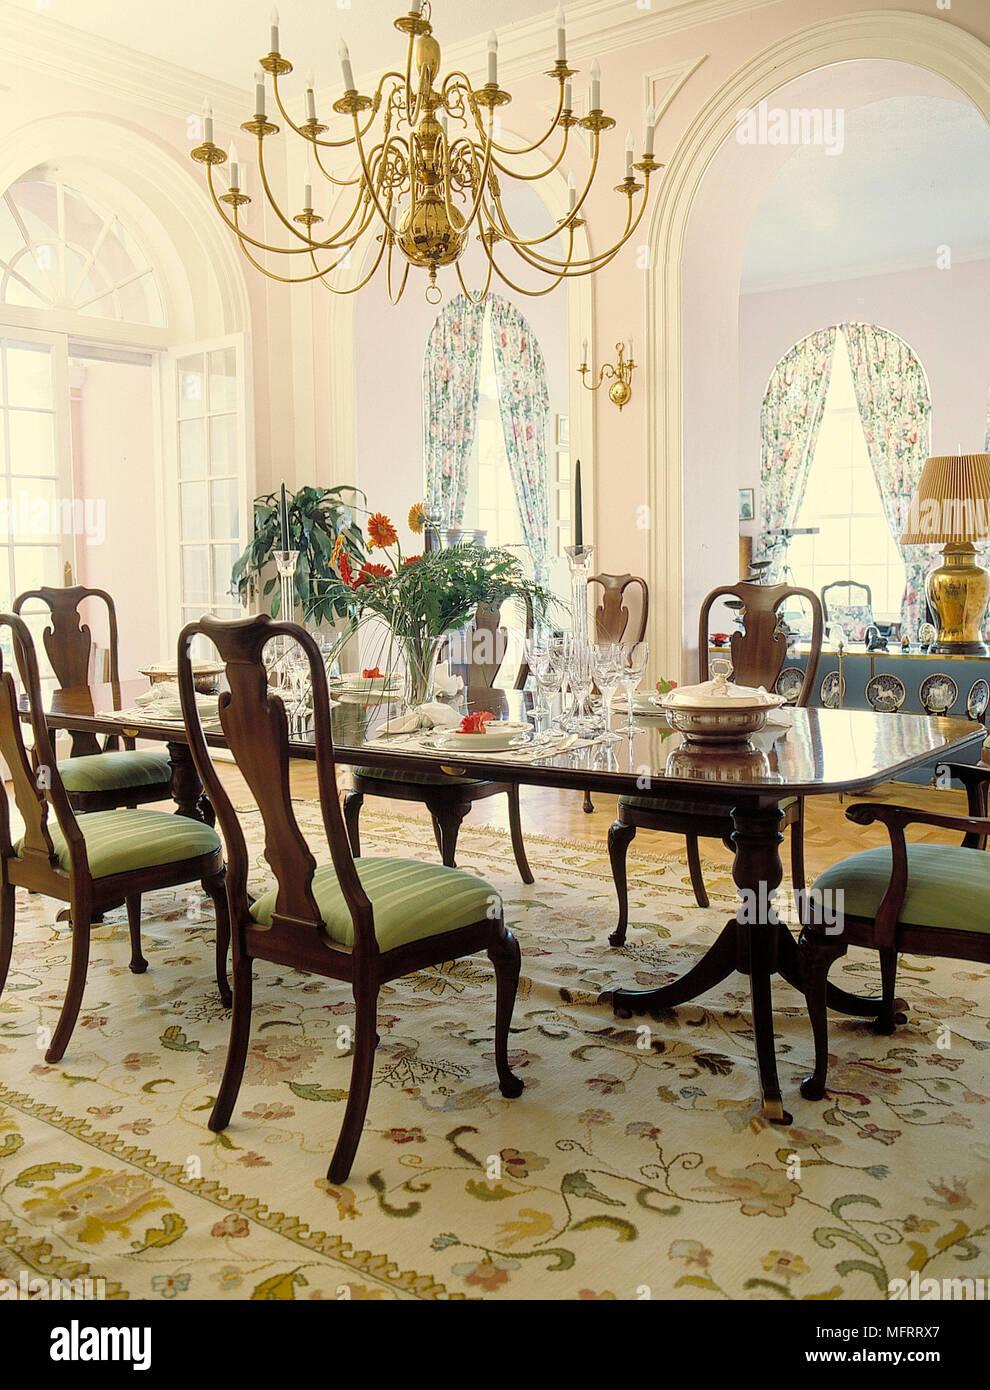 Un lampadario della sala da pranzo (o un altro apparecchio appeso al soffitto) è tradizionalmente appeso sopra il centro del tavolo da pranzo ed è un elemento di design primario nella stanza. Lampadario Su Tavolo Da Pranzo In Legno E Sedie In Lussuosa Camera Foto Stock Alamy